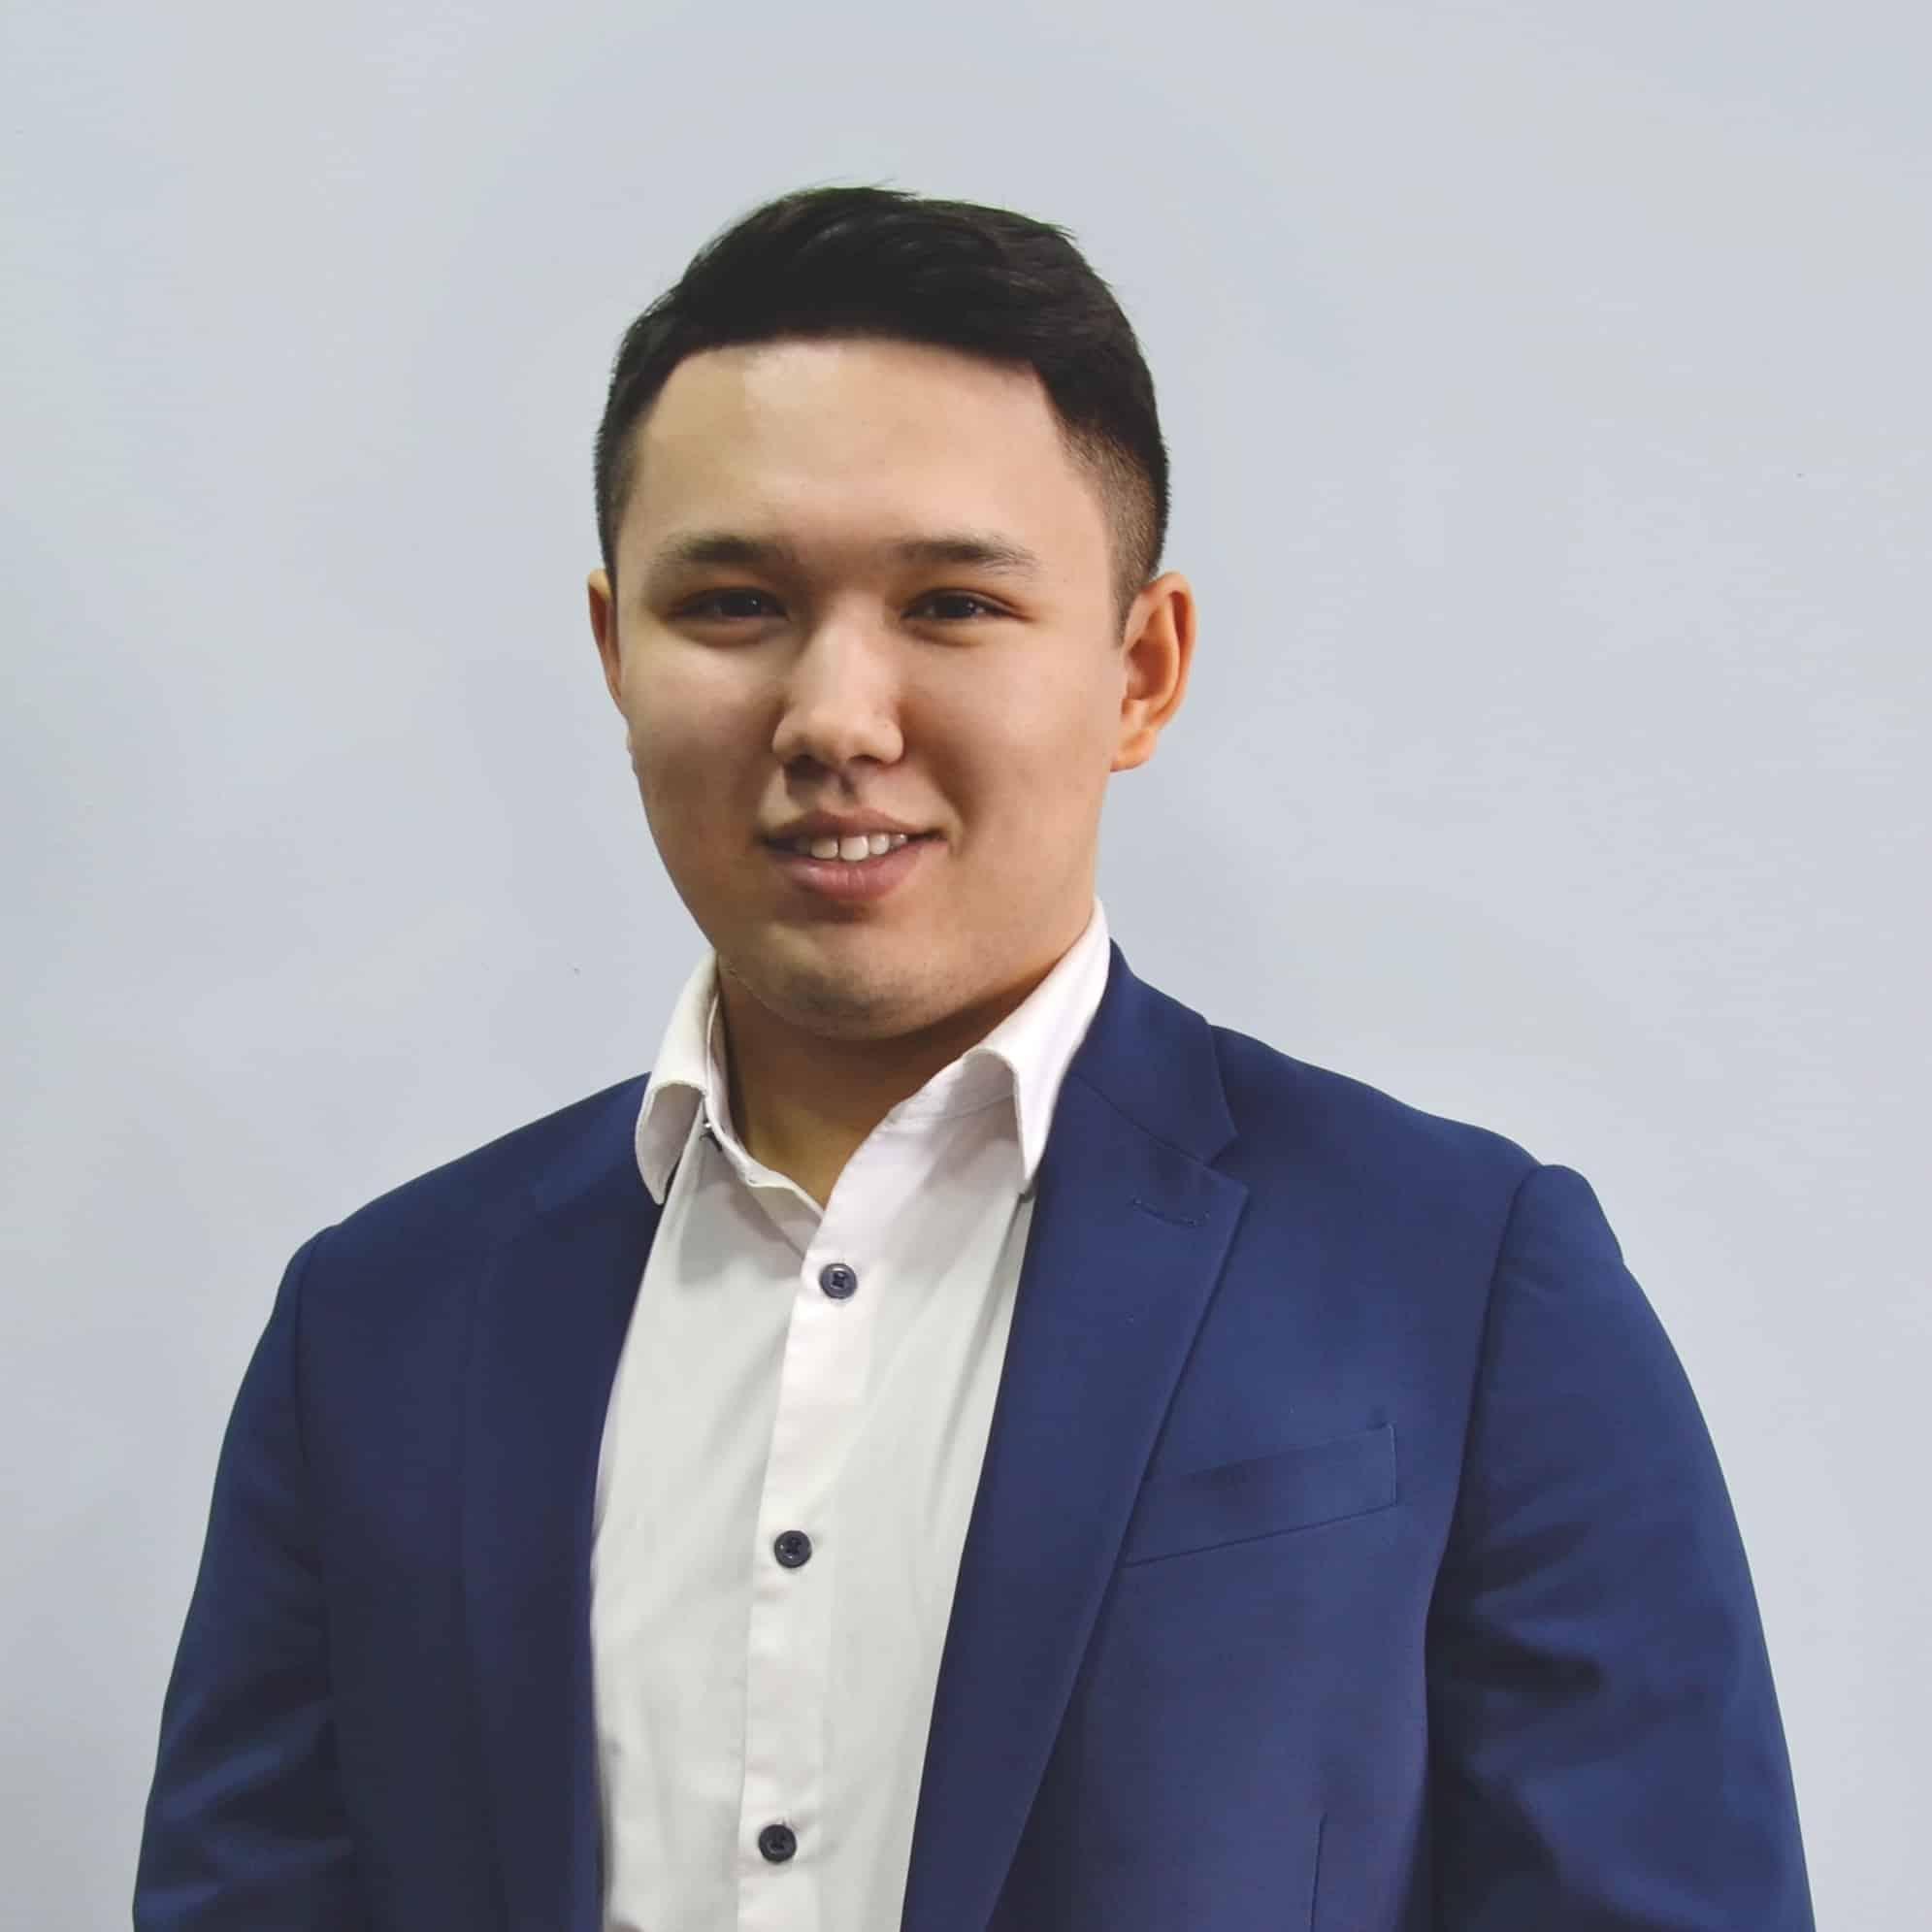 Казеев Аюп - Иммиграционный консультант